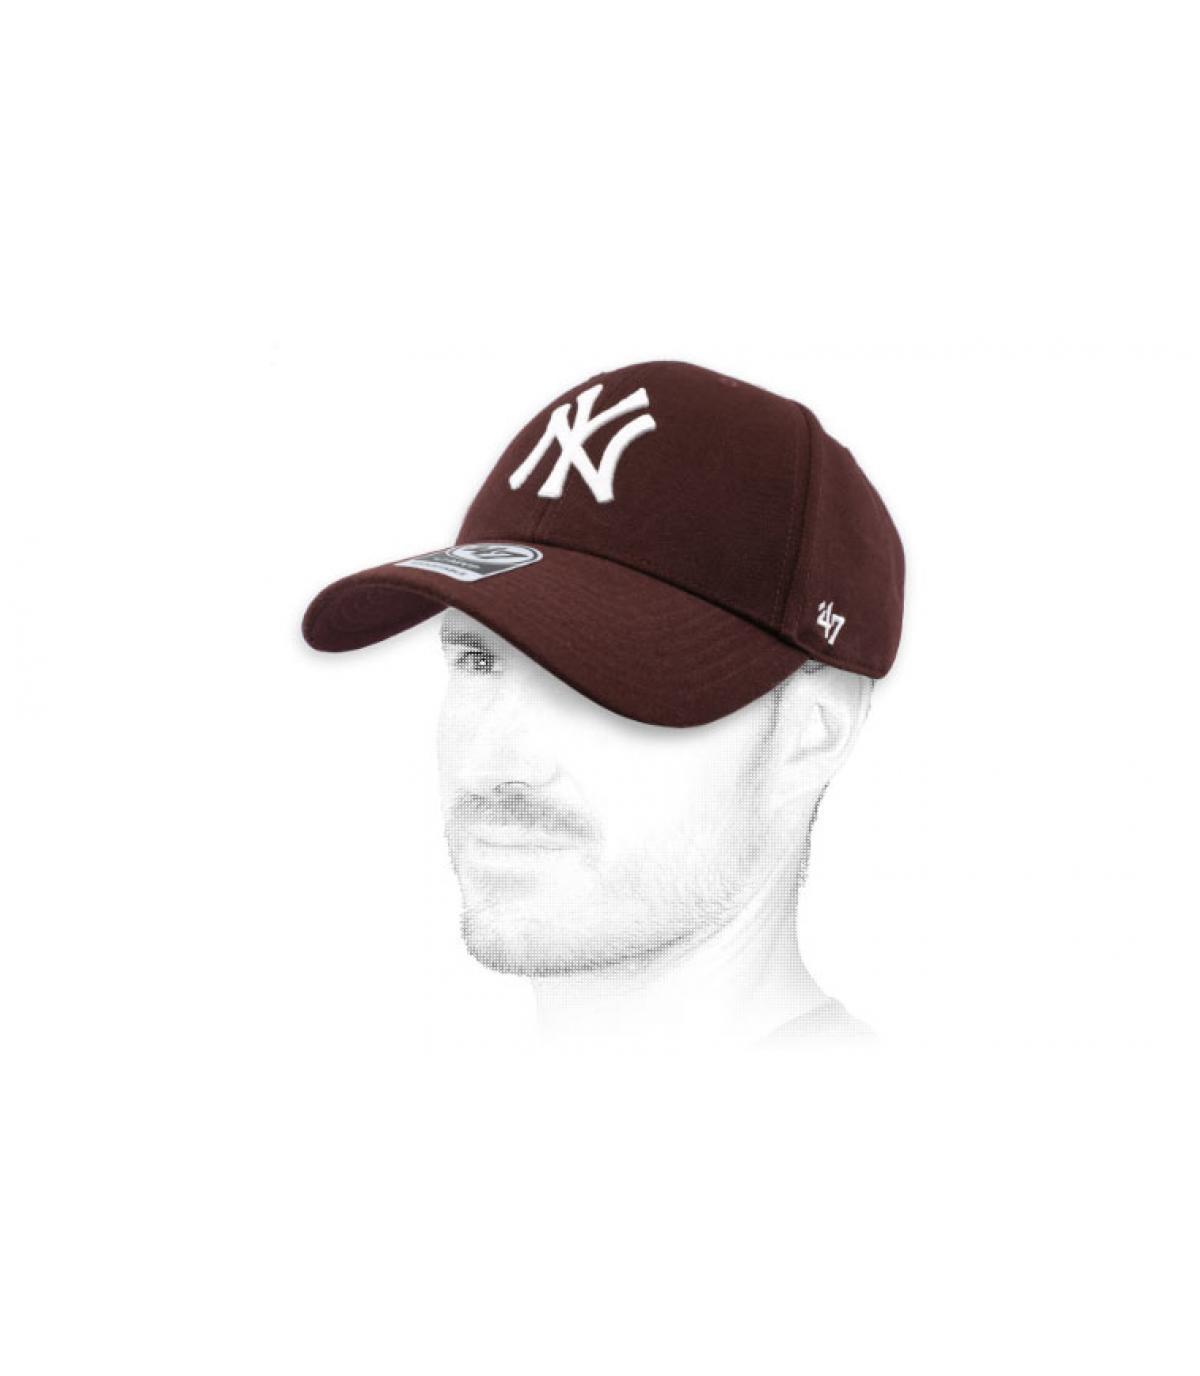 gorra NY granate 47